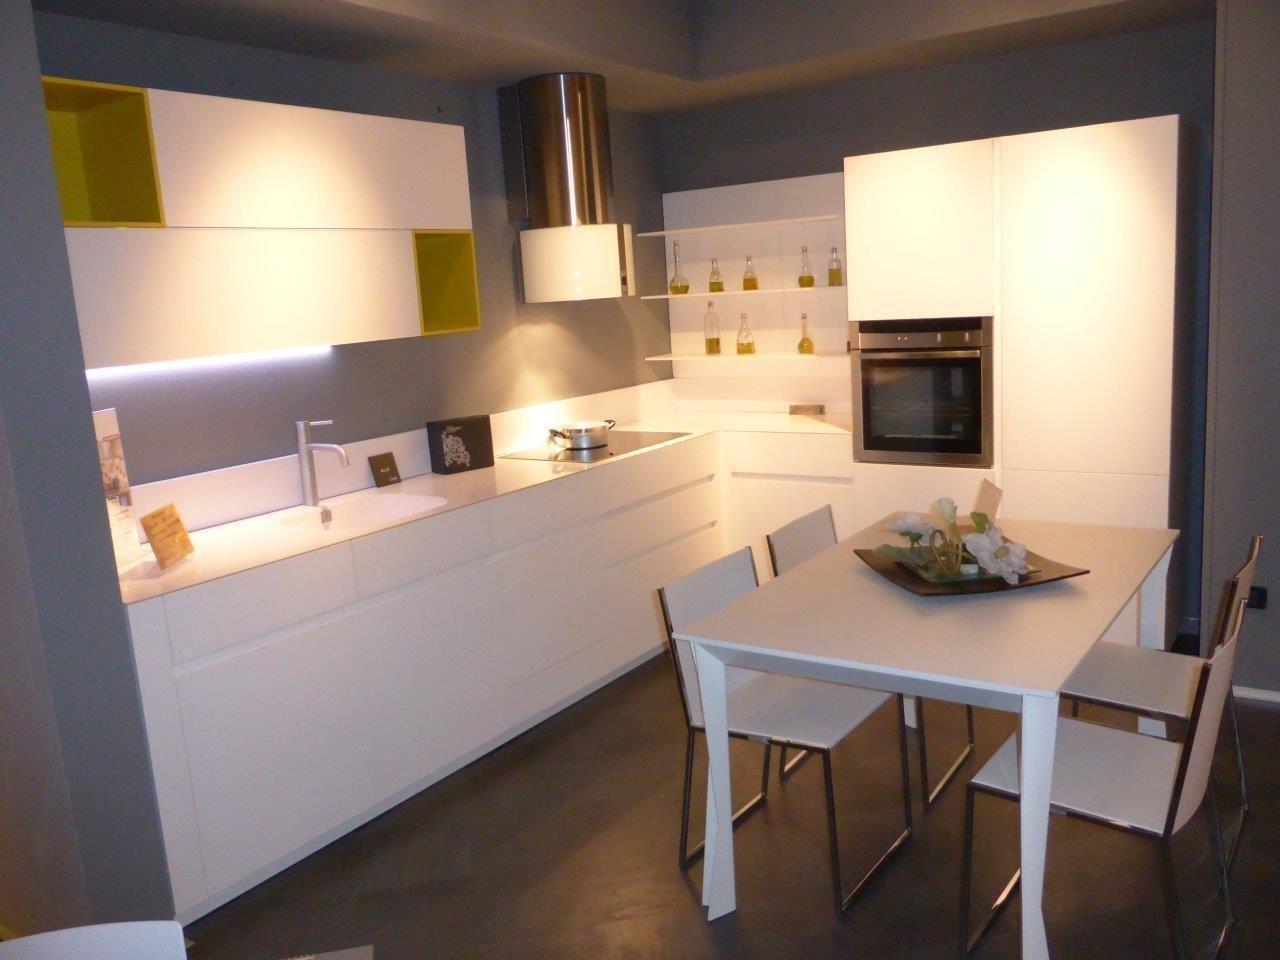 Cucina A Elle - Home Design E Interior Ideas - Refoias.net